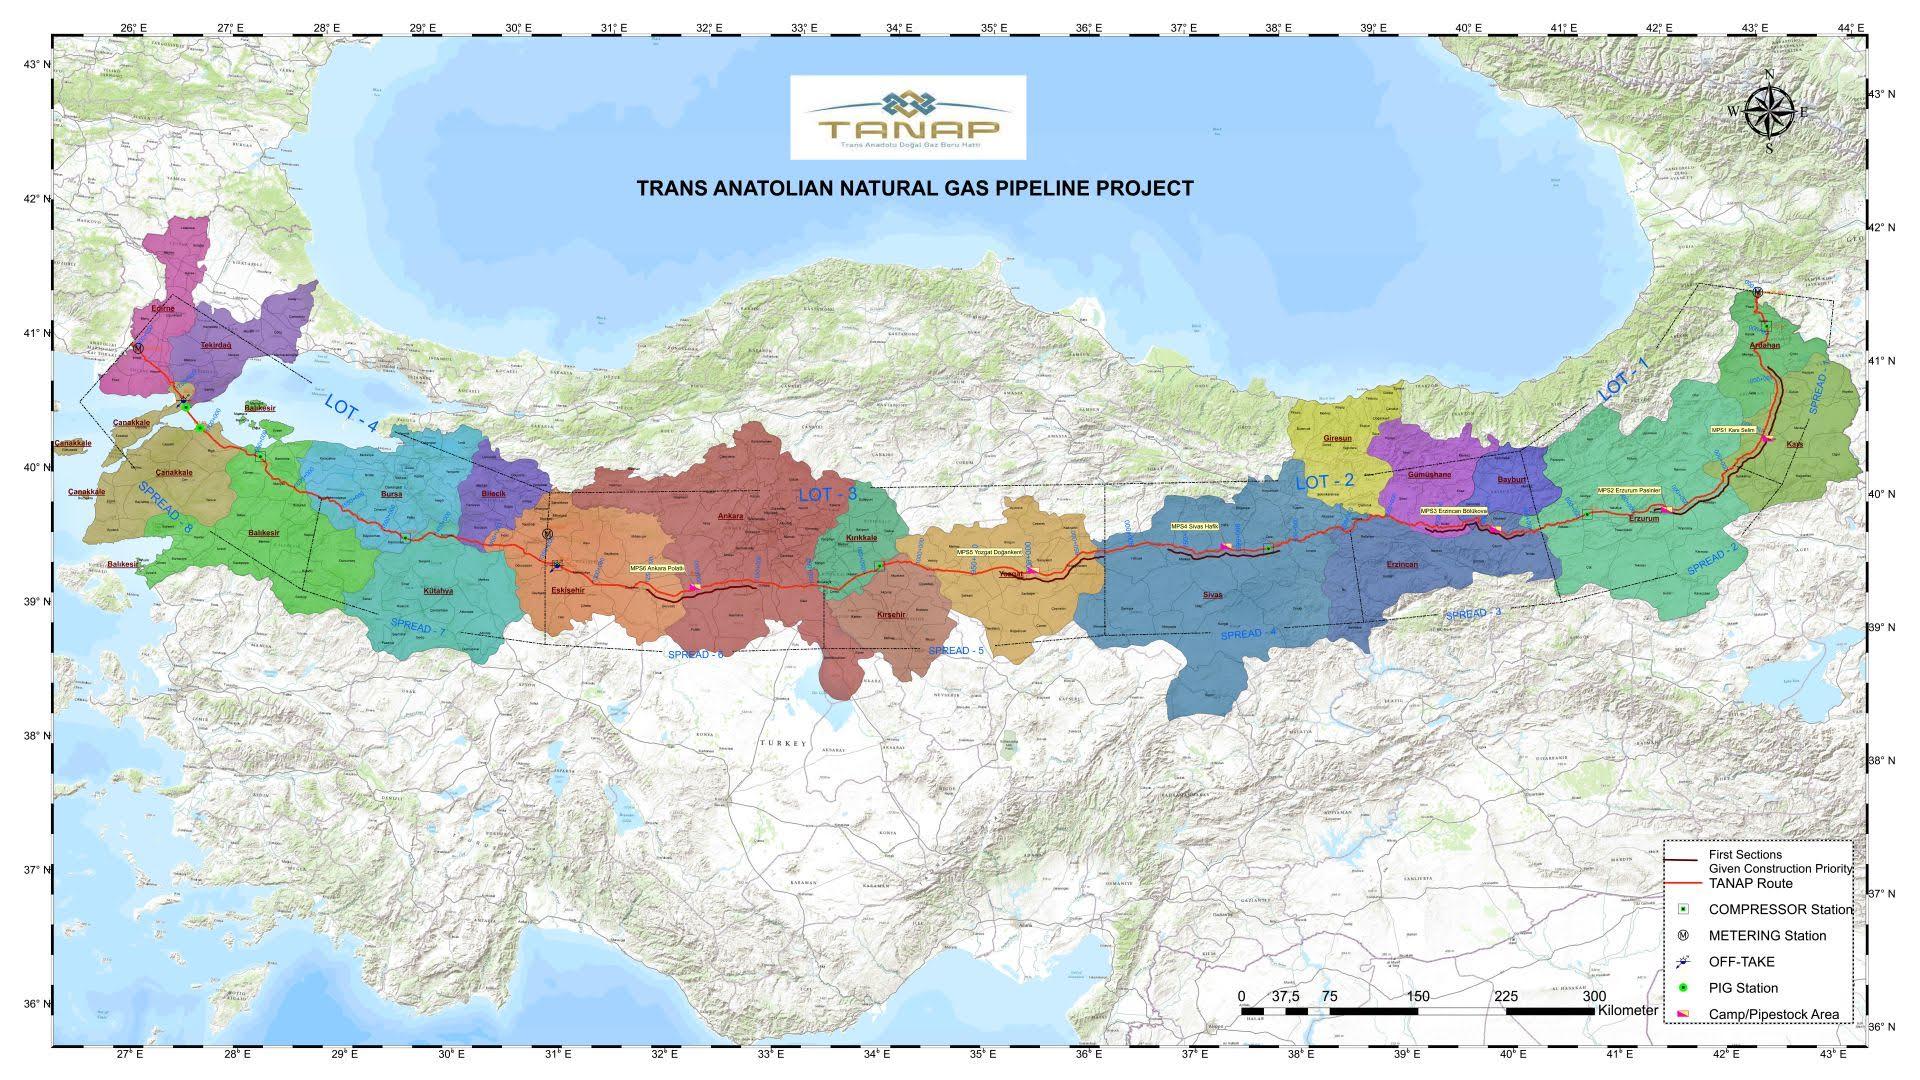 Εγκαίνια για τον αγωγό ΤΑΝΑΡ – Το ενεργειακό «παιχνίδι» στην ΝΑ Ευρώπη ξεκινά